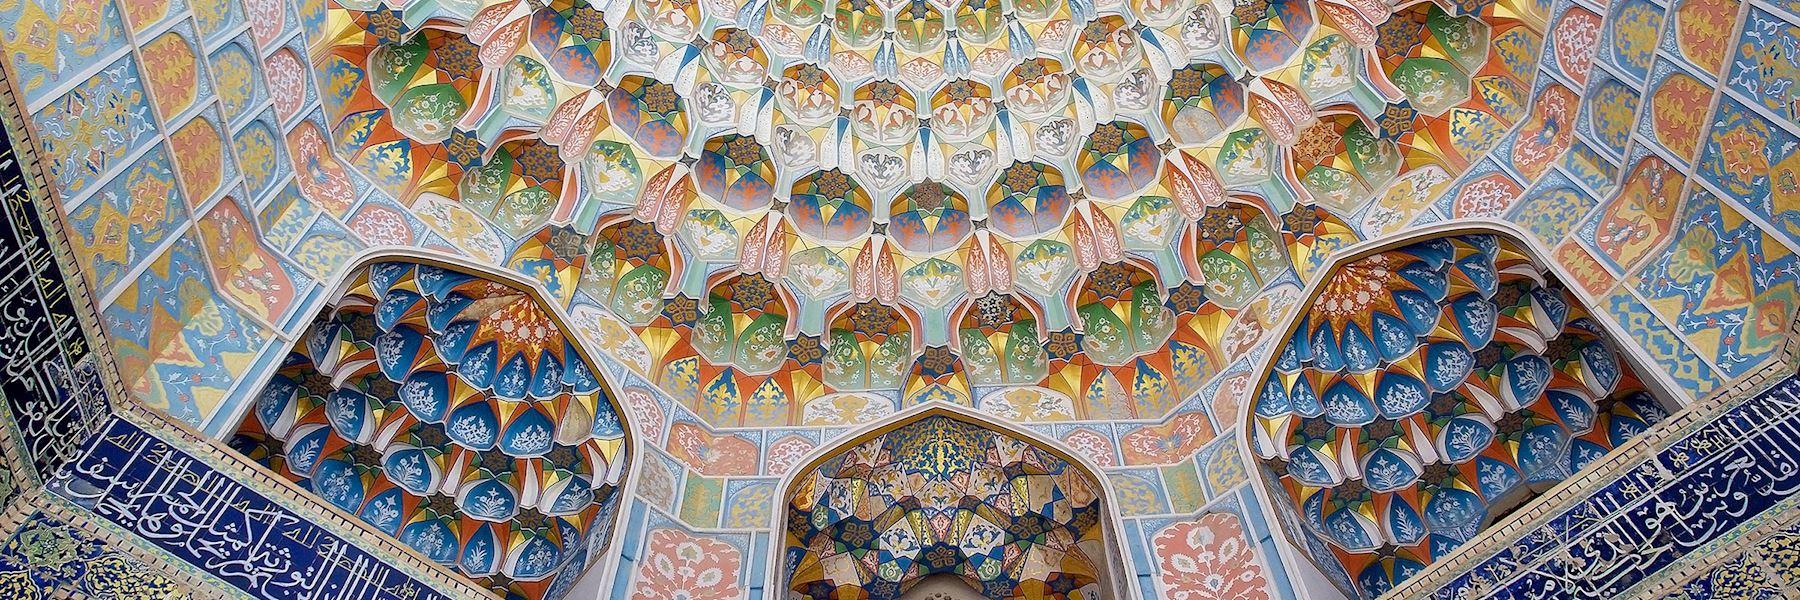 Uzbekistan trip ideas